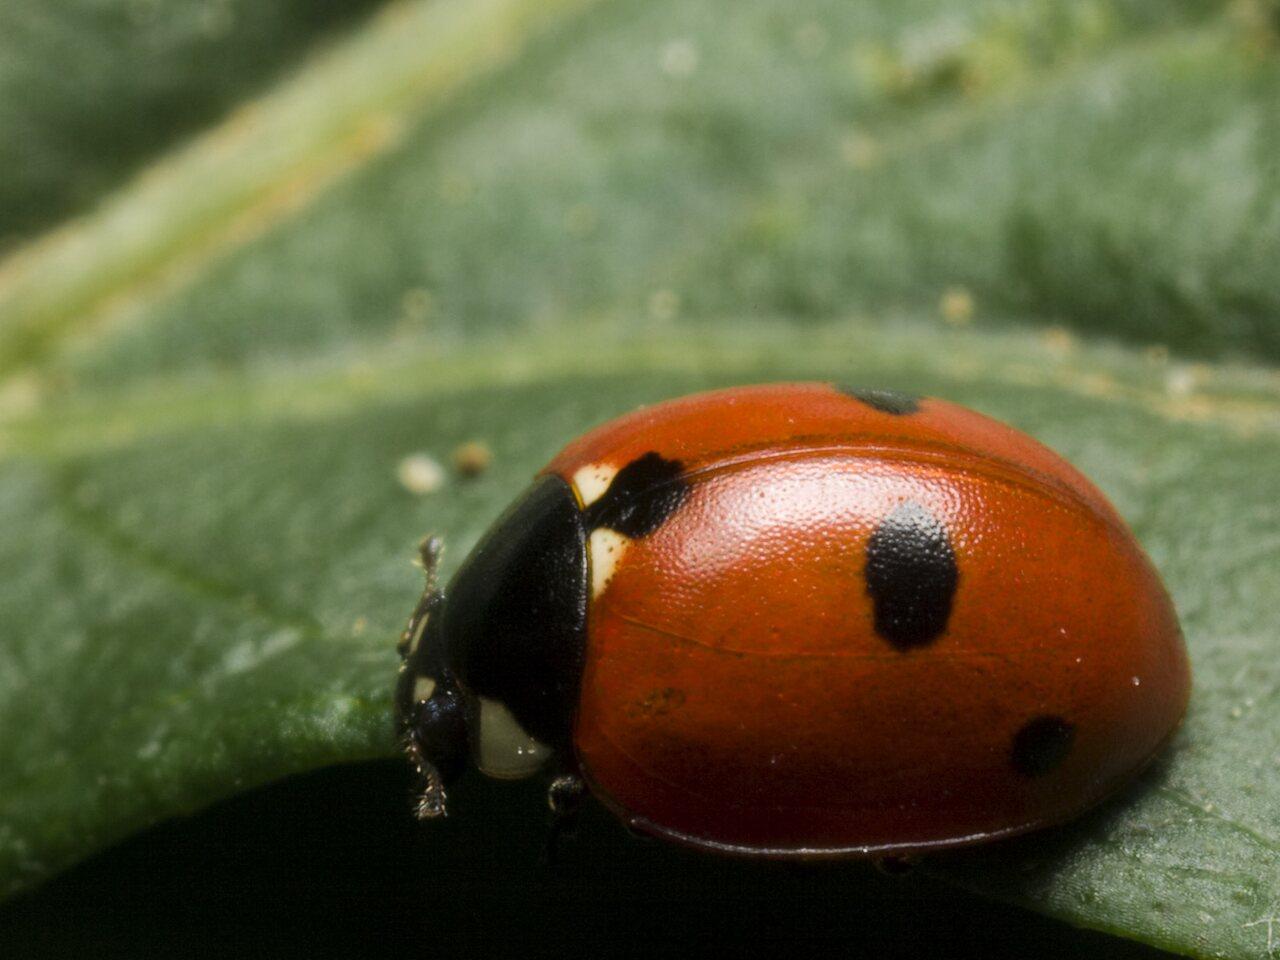 Coccinella-quinquepunctata-2153.jpg